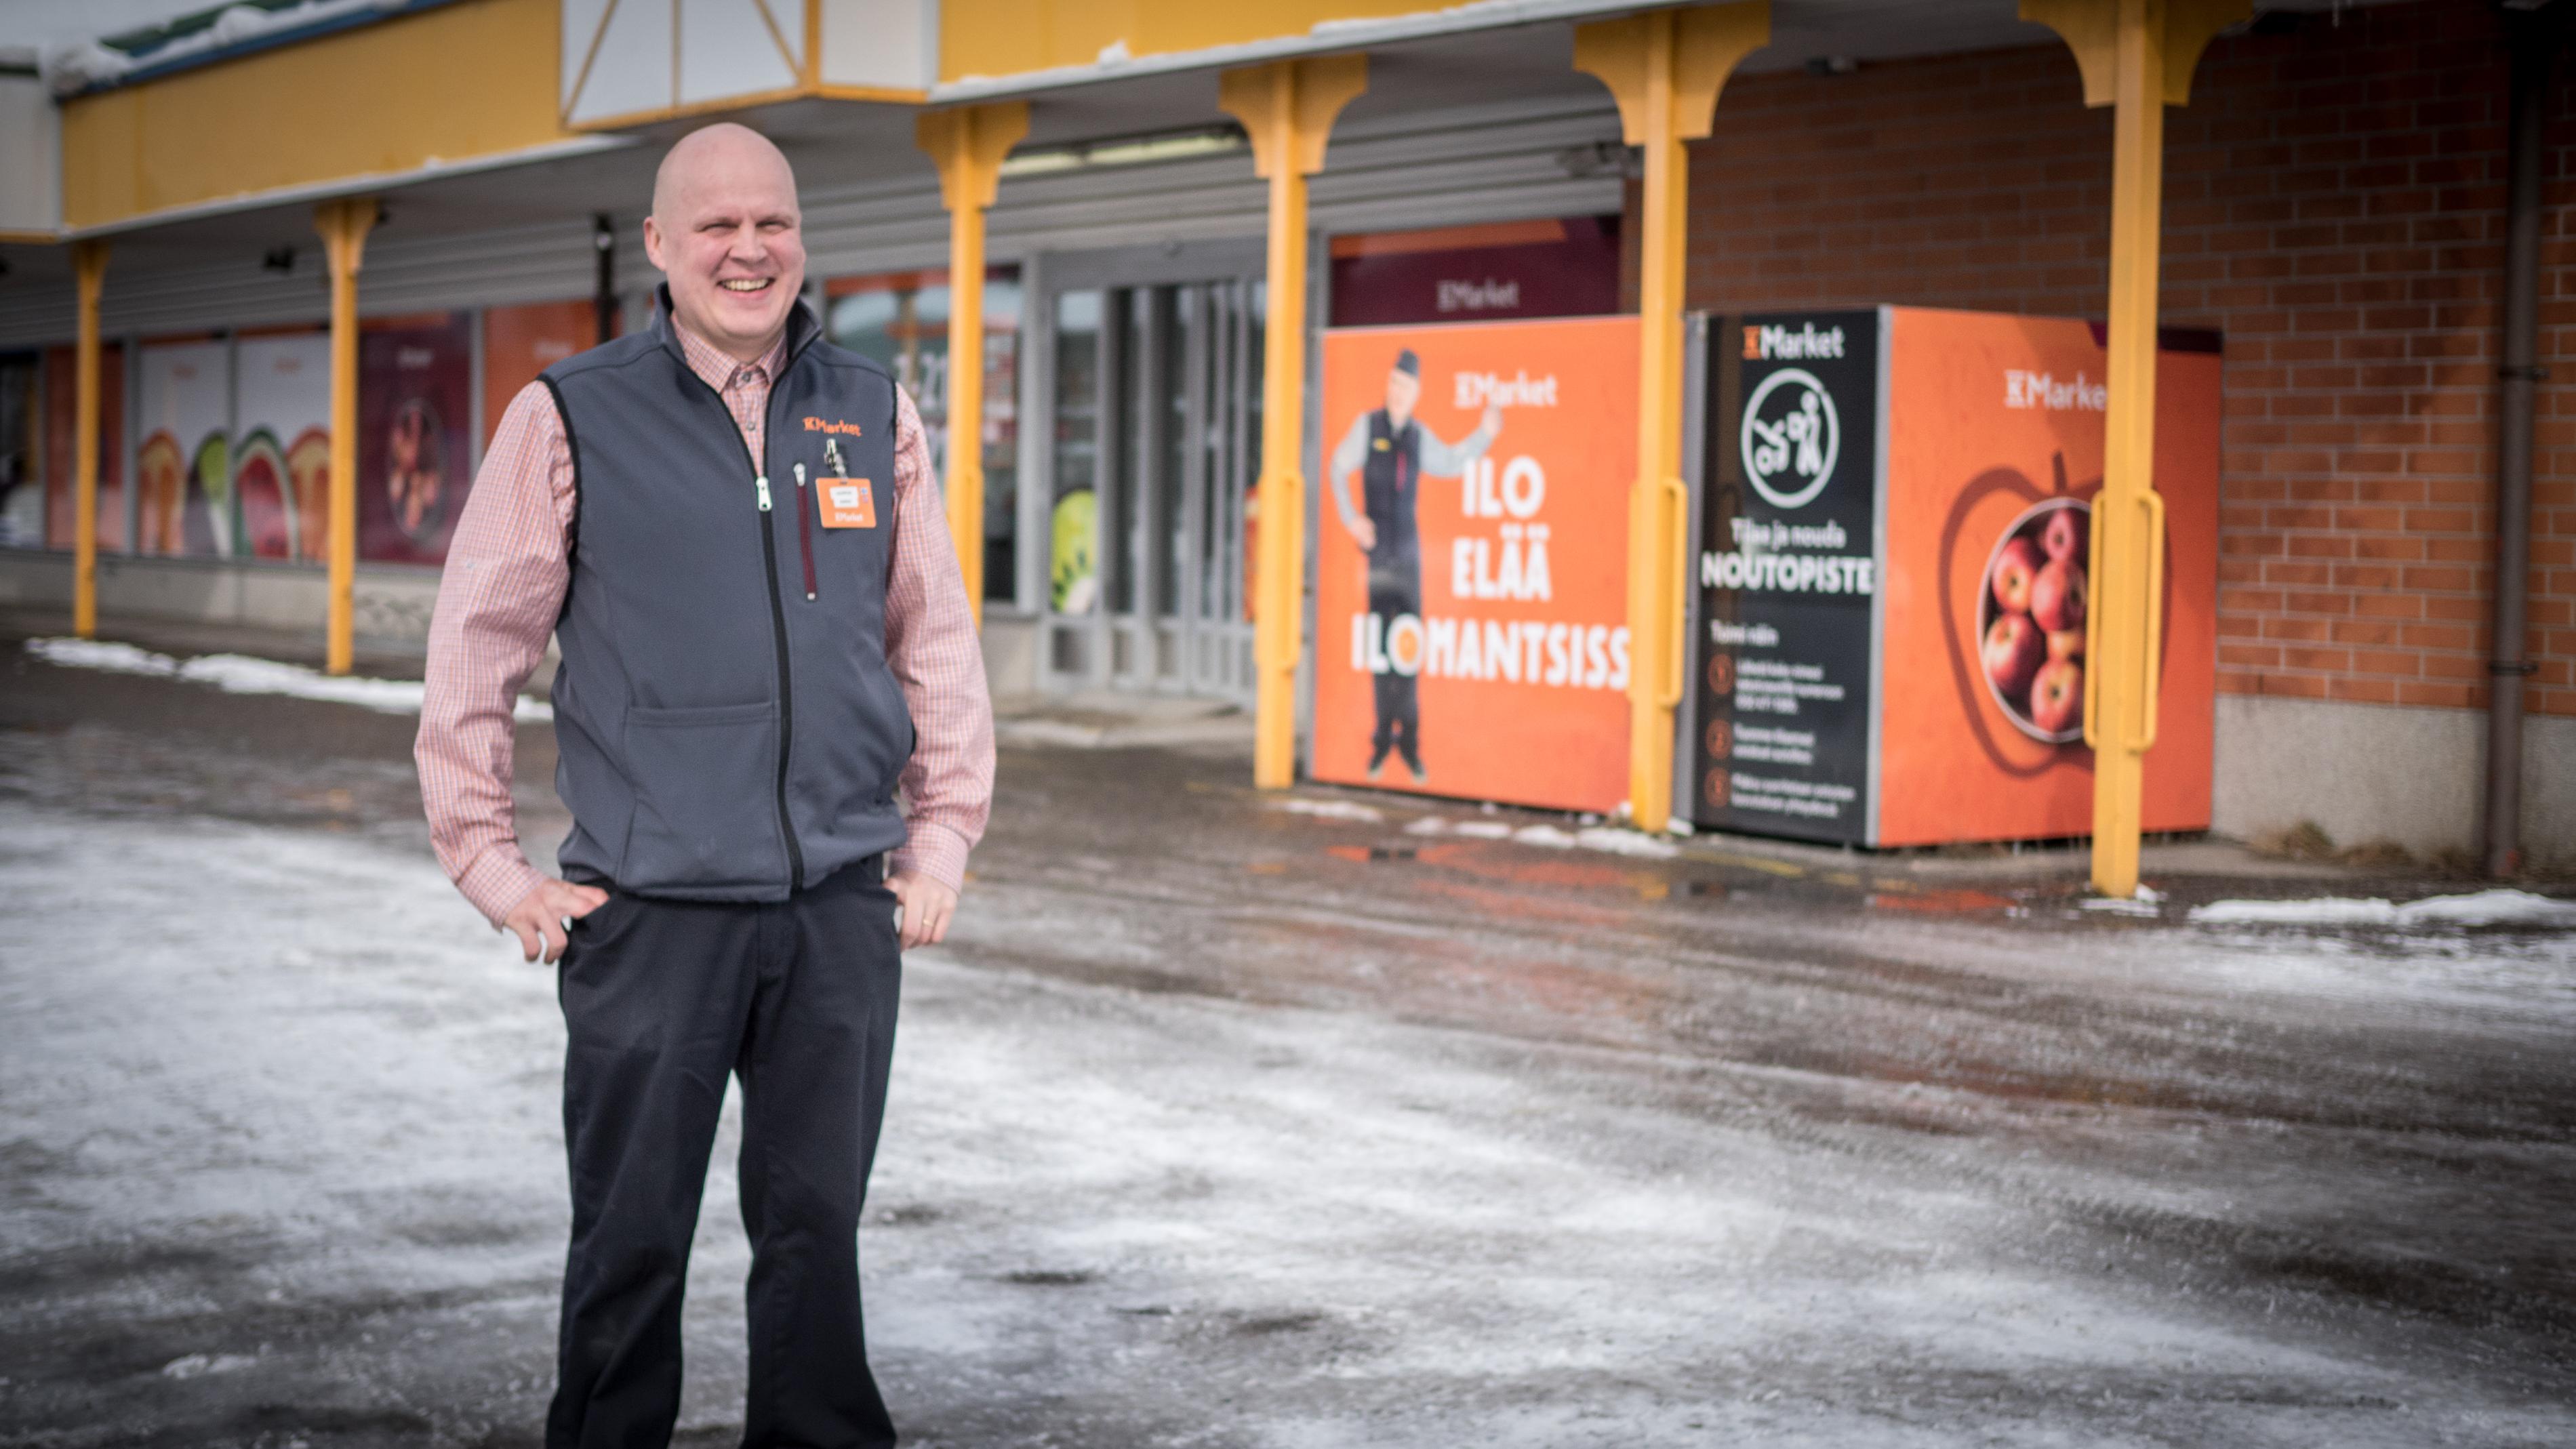 K-Market Ilomantsin kauppias Marko Tolvaselle on tärkeää, että vastuullisesti tuotettua sähköä voi ostaa suoraan paikalliselta toimijalta | PKS